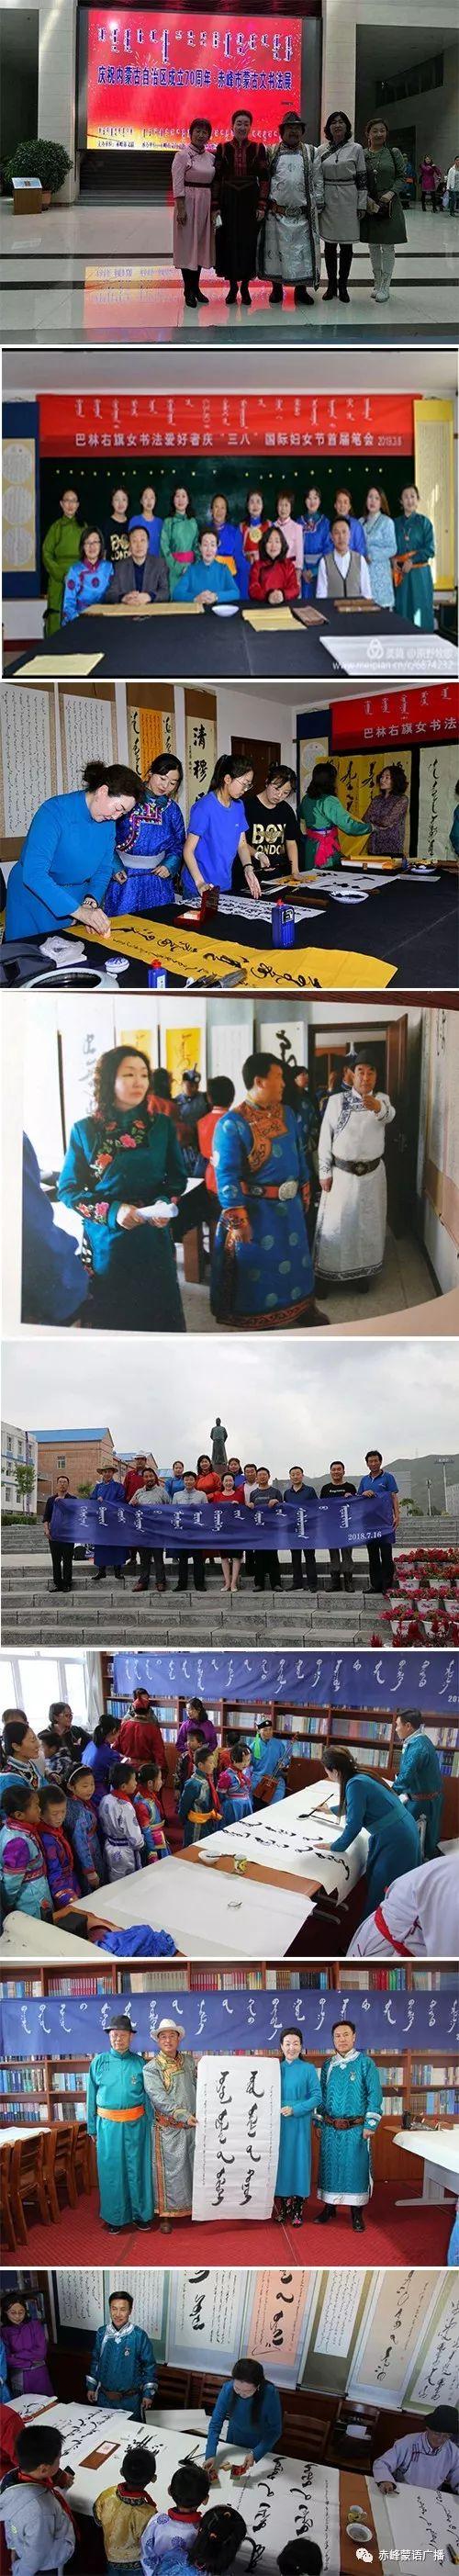 【音频】《赤峰蒙古族书法家》系列采访 (22) 第10张